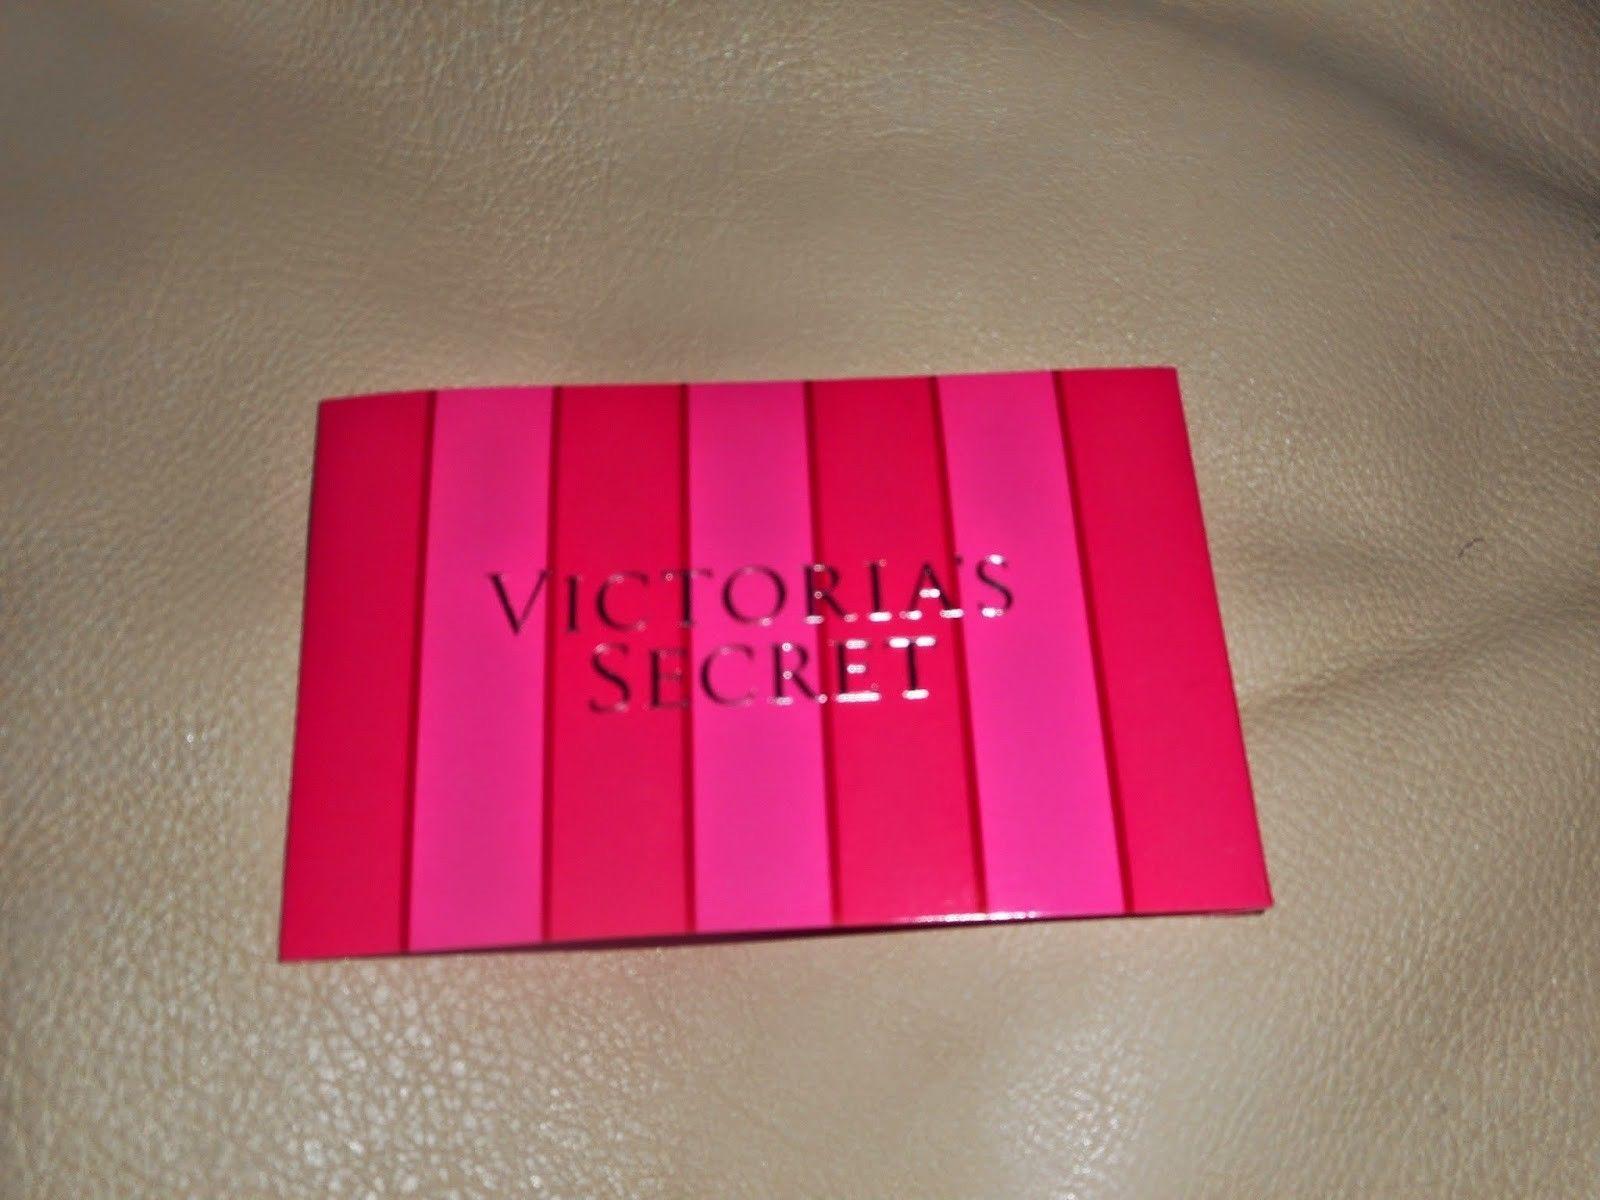 victorias secret card payment photo - 1